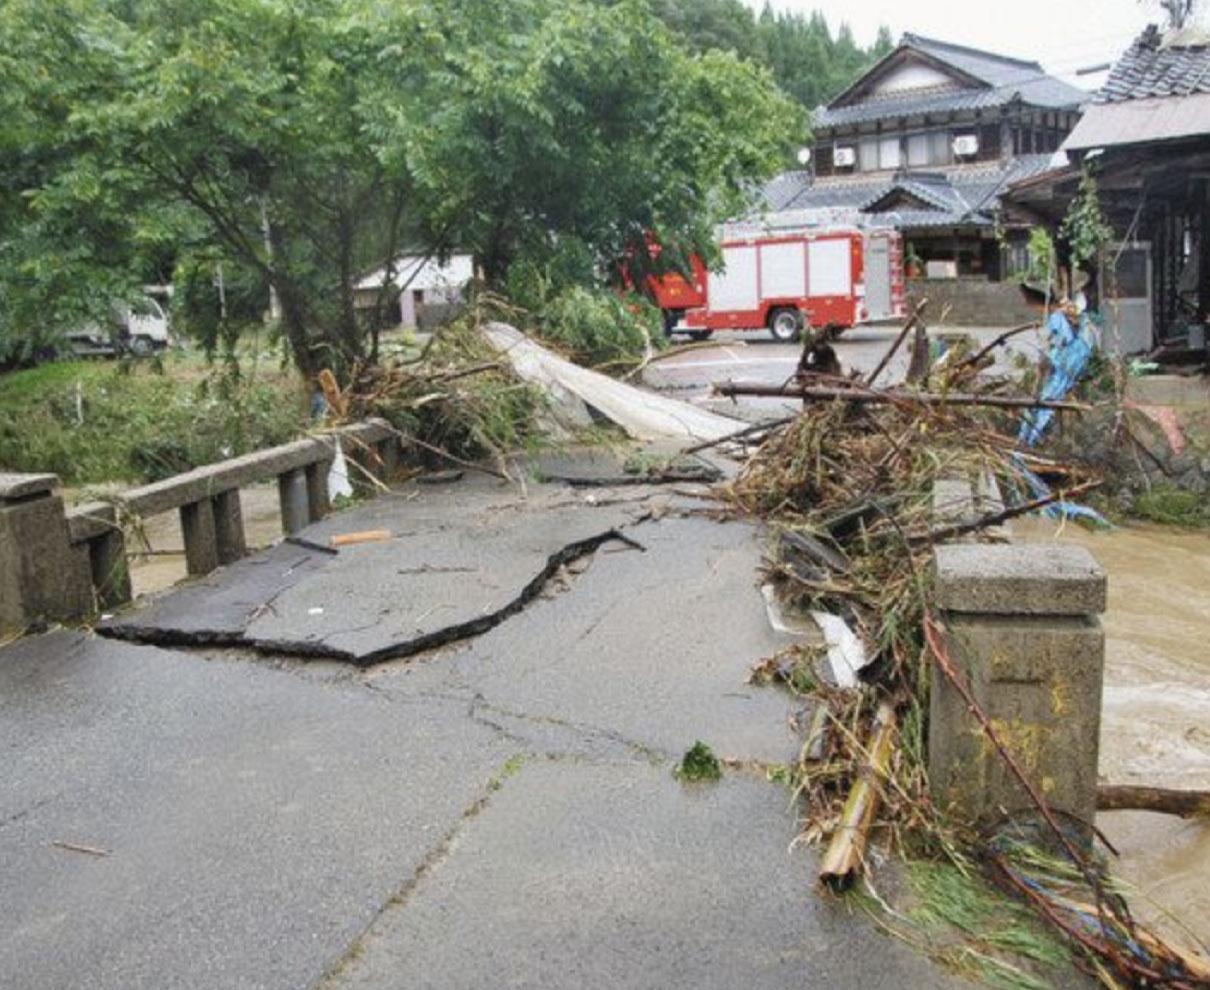 越前町ルポ 住民「道路が川に」 避難する間もなく濁流押し寄せ